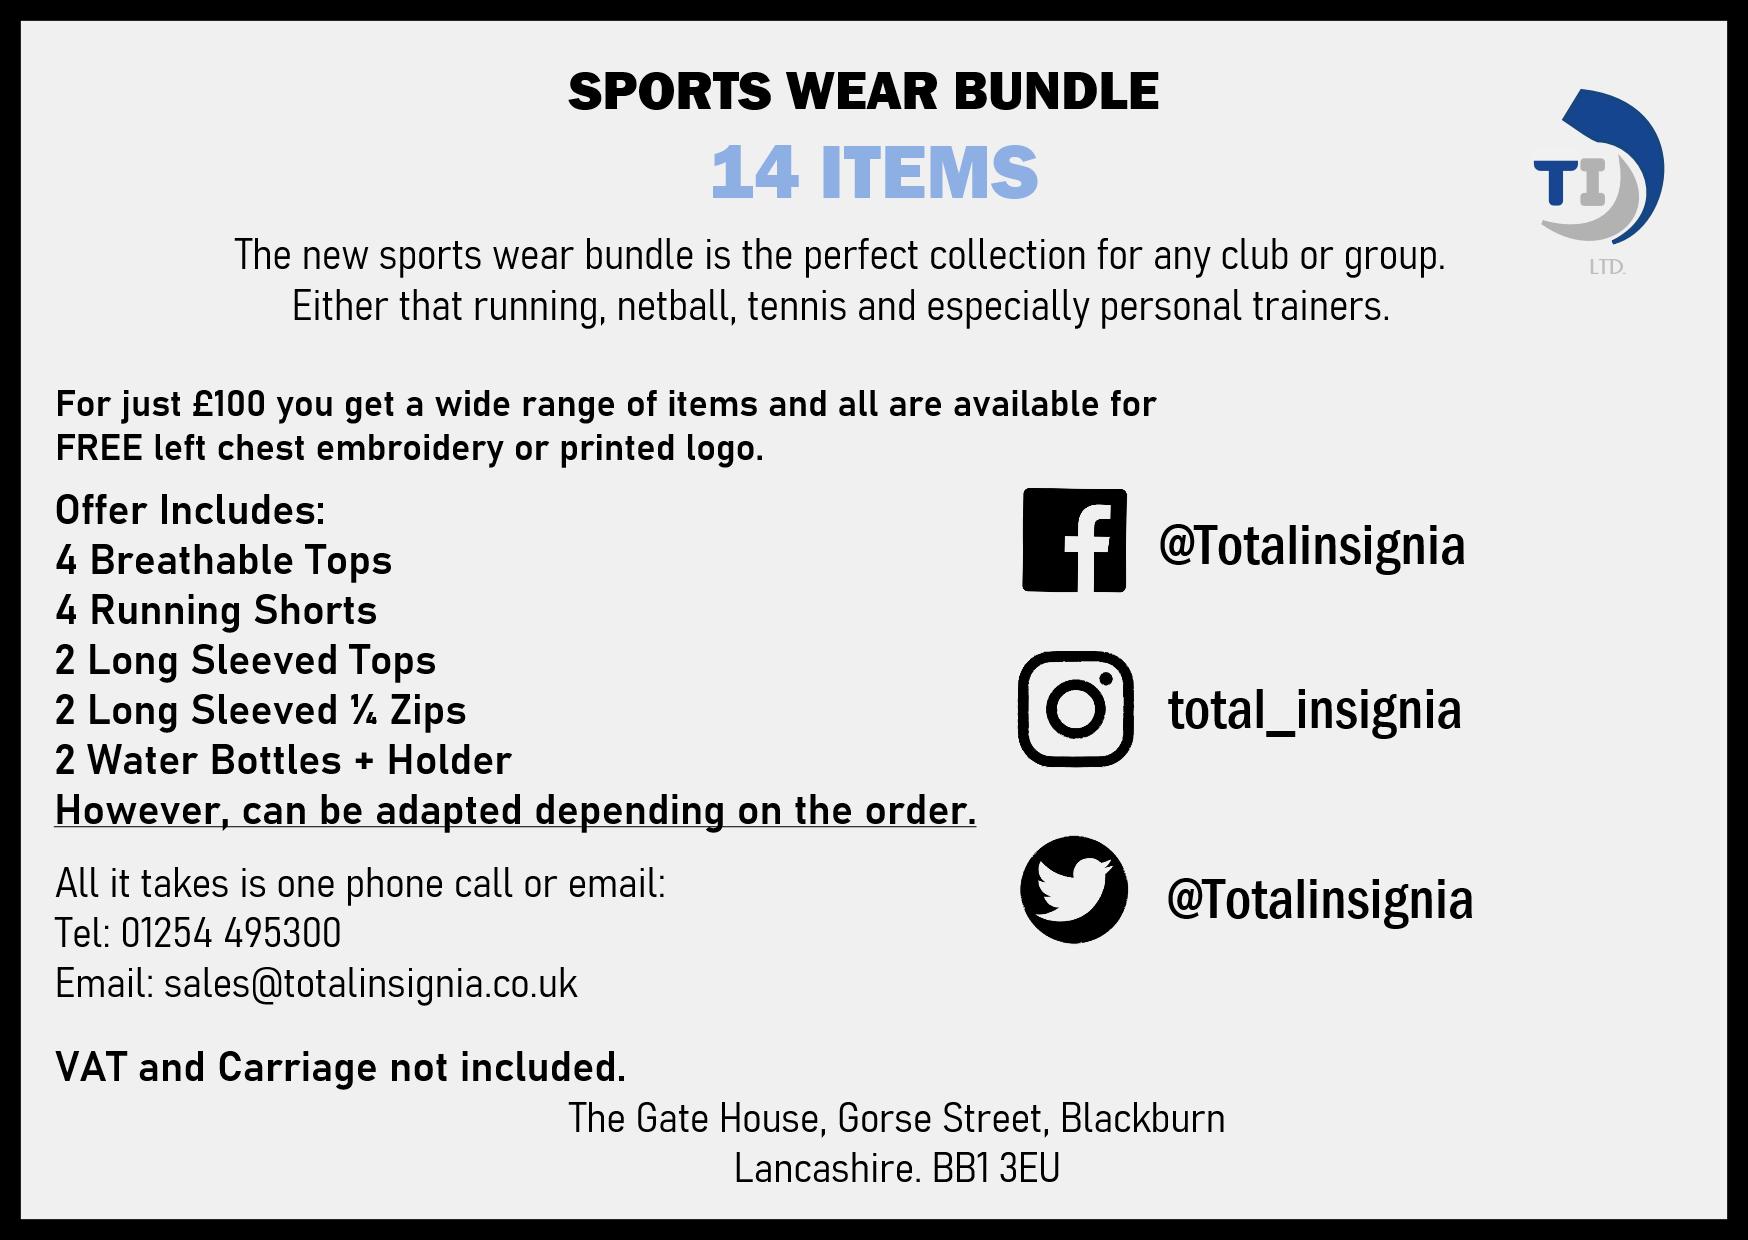 Sports Wear Bundle